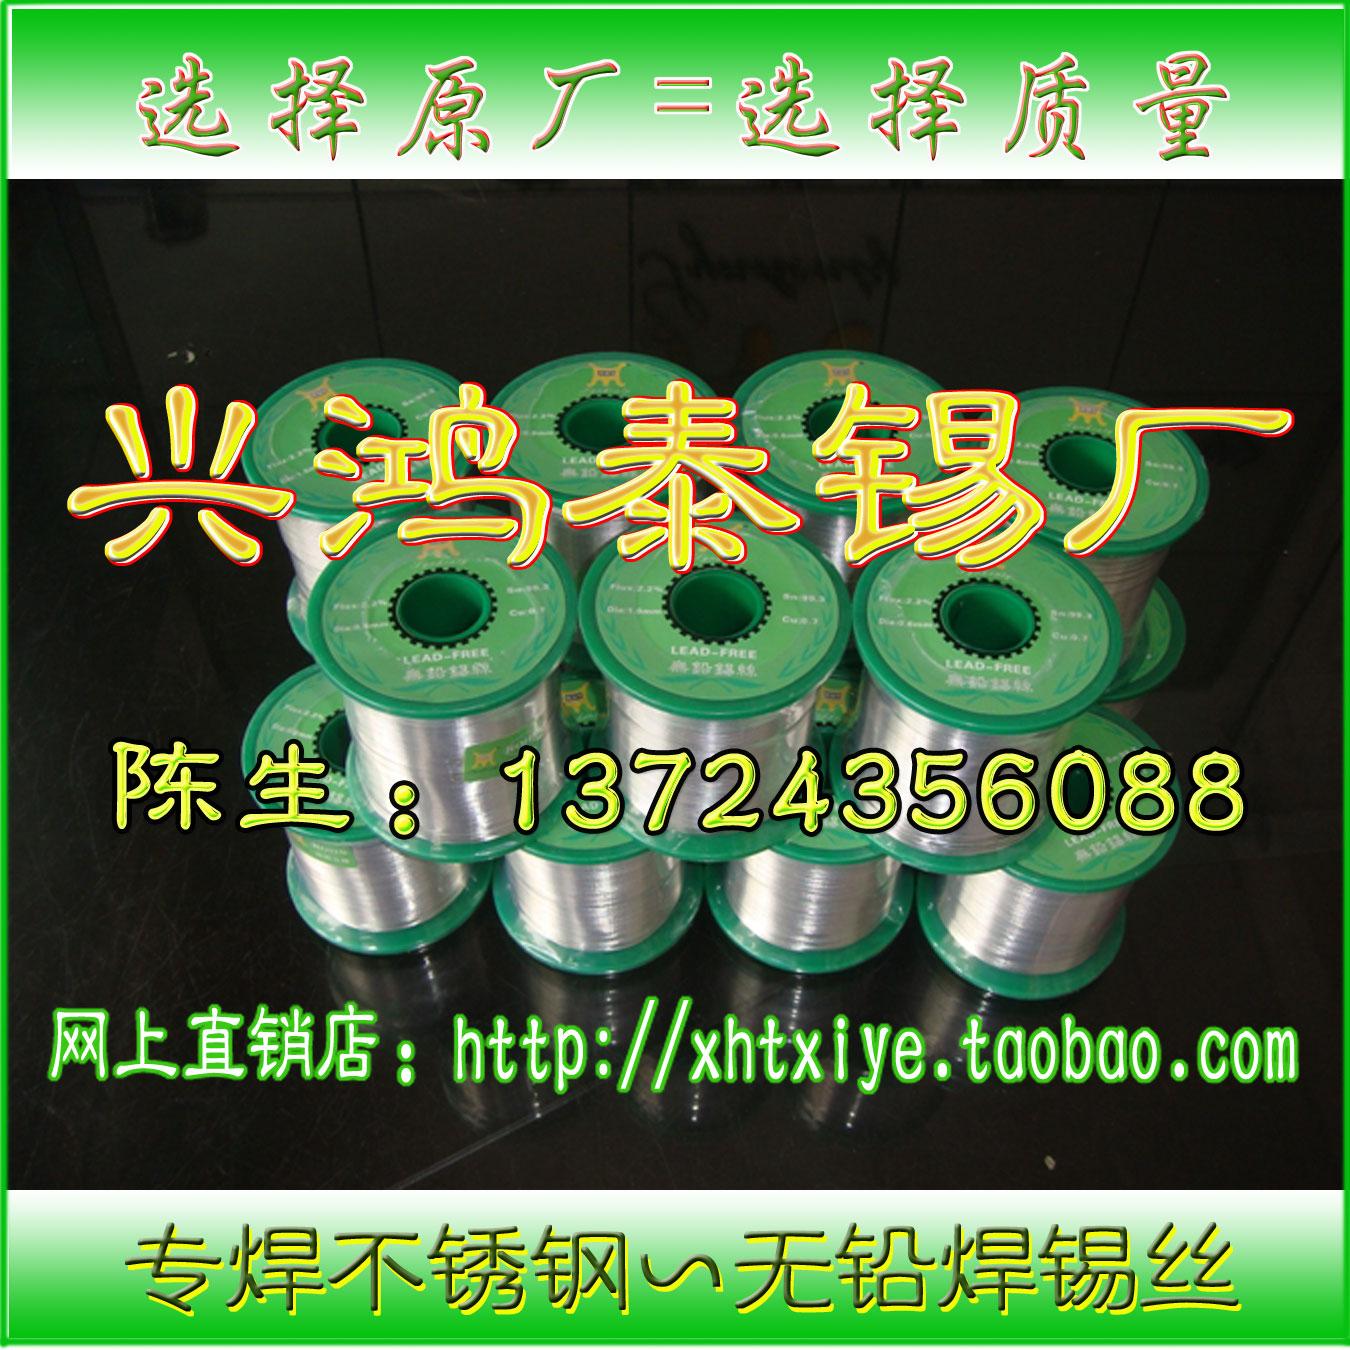 兴鸿泰xht专焊不锈钢焊锡丝1.0 0.8 0.6 0.5mm环保无铅锡线 800g